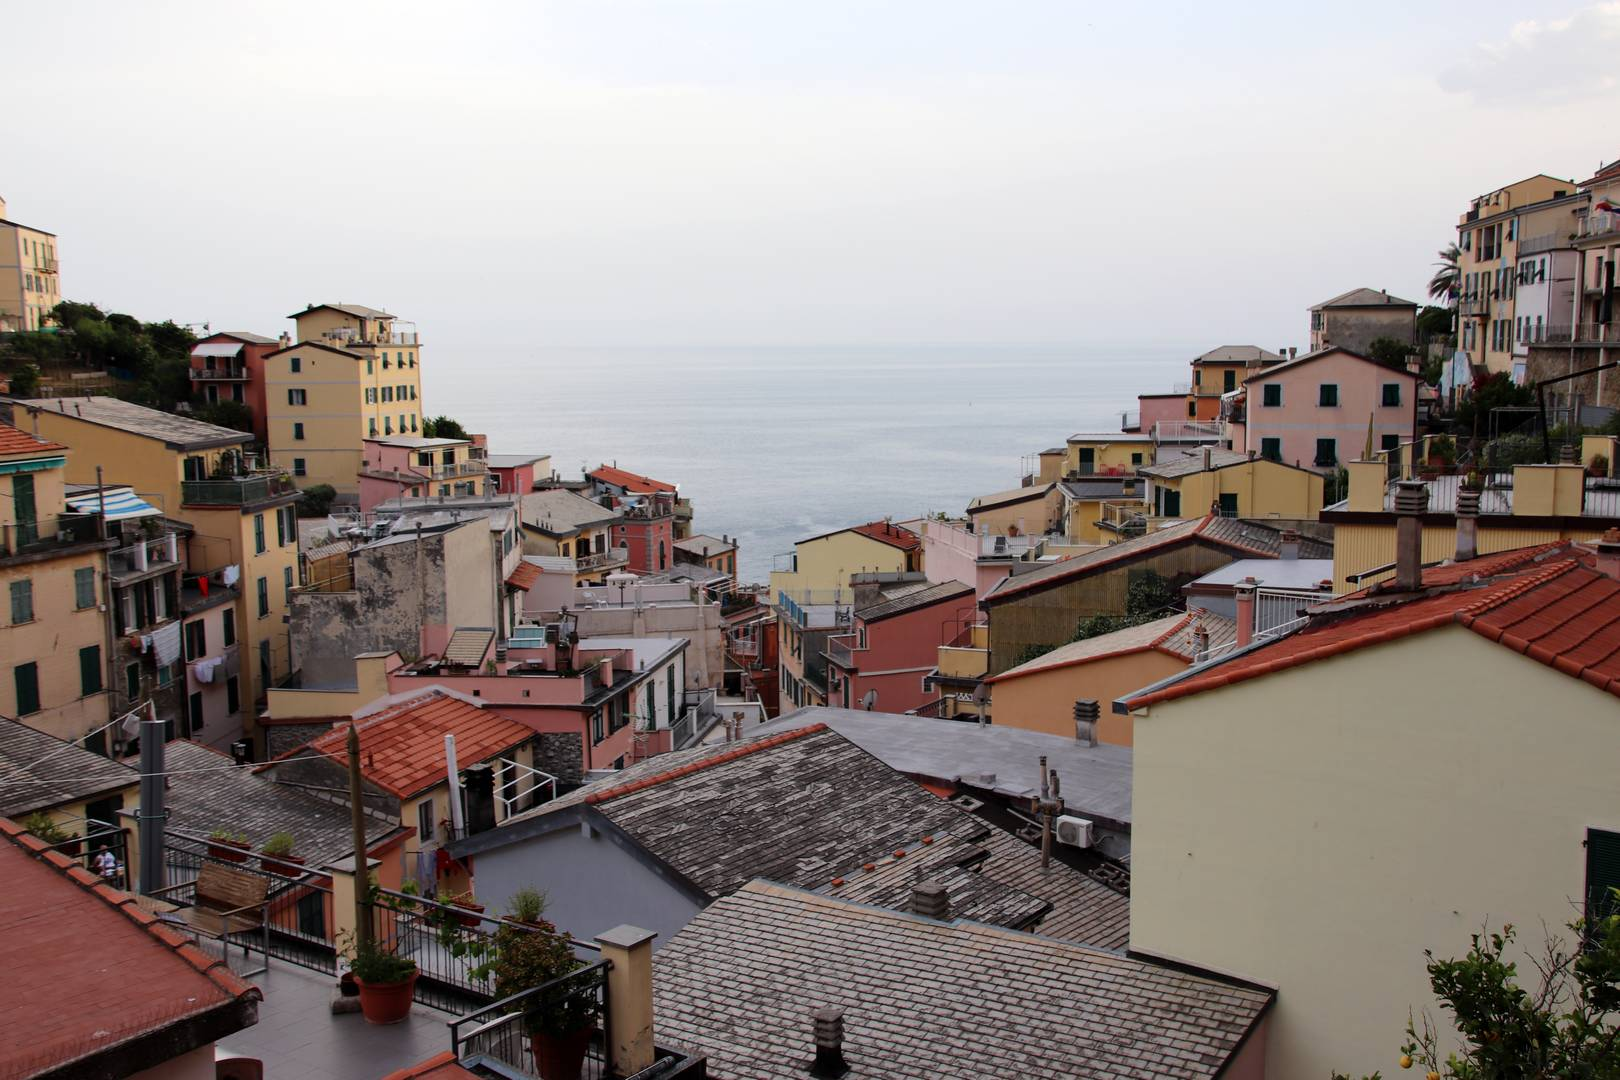 Italie - Fin de journée sur le village de Riomaggiore au parc des Cinque Terre